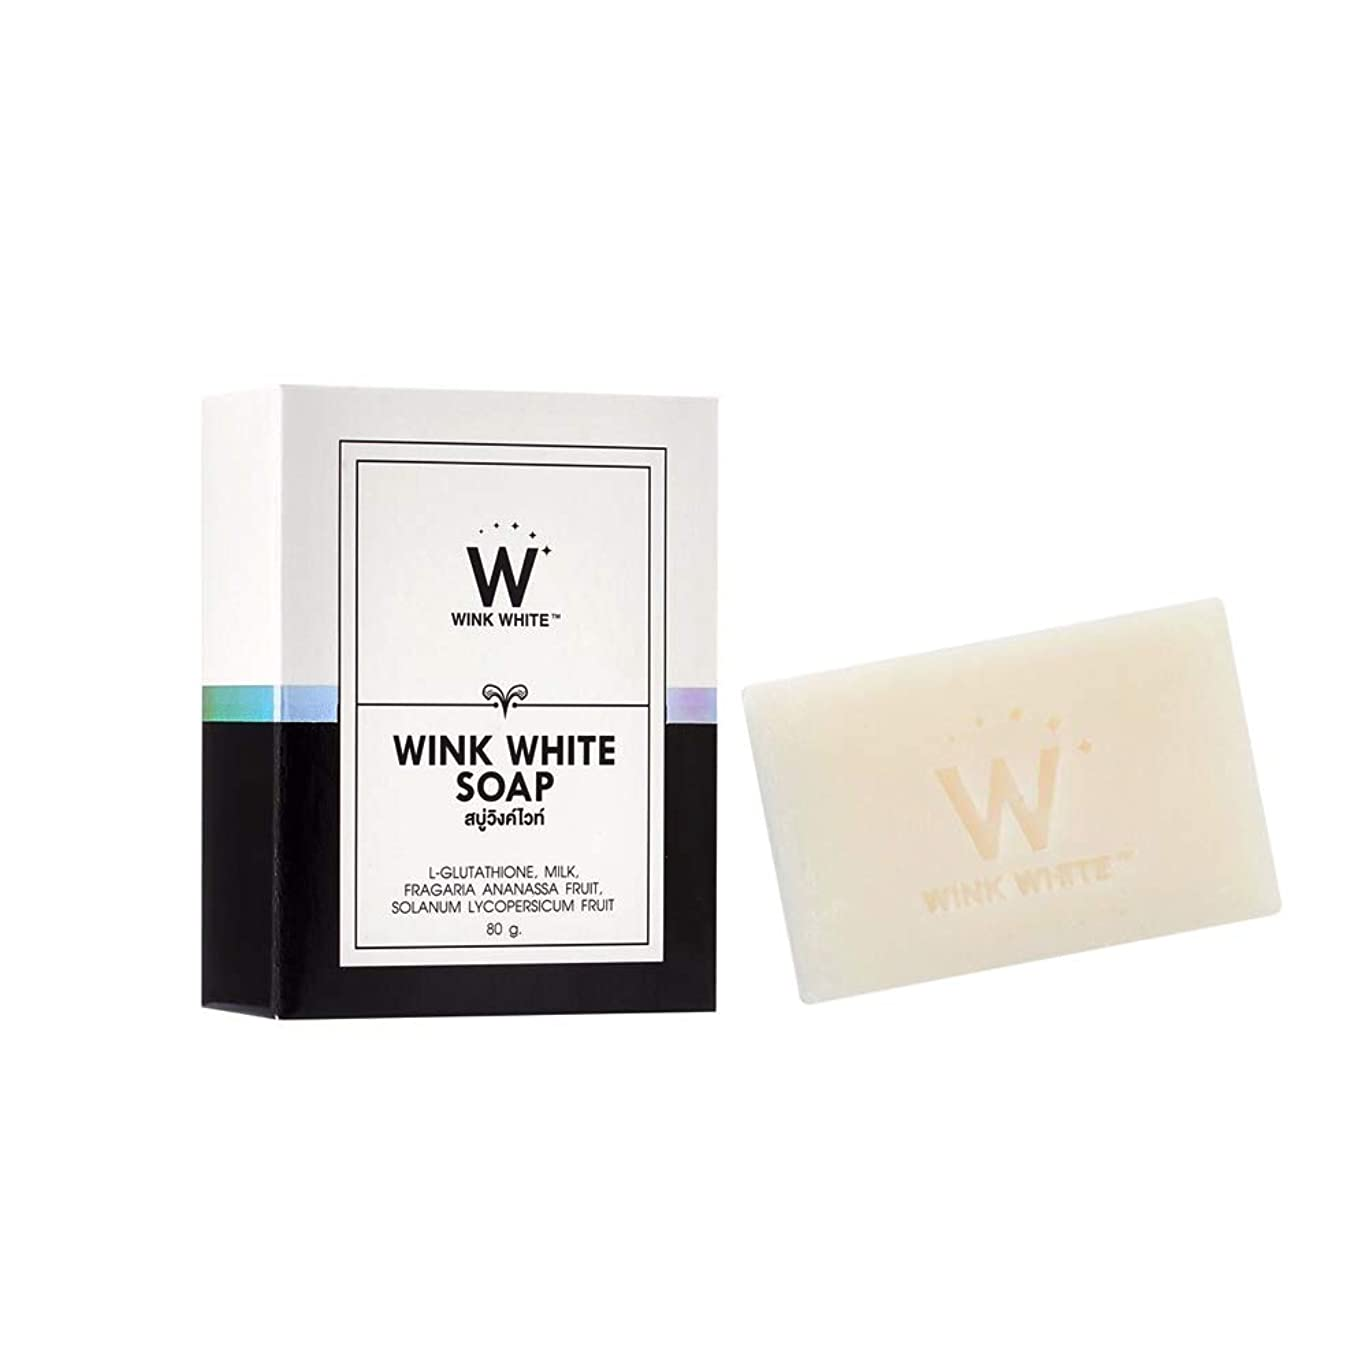 粘り強いピアノキリンSoap Net Nature White Soap Base Wink White Soap Gluta Pure Skin Body Whitening Strawberry for Whitening Skin All Natural Milled Goats Milk